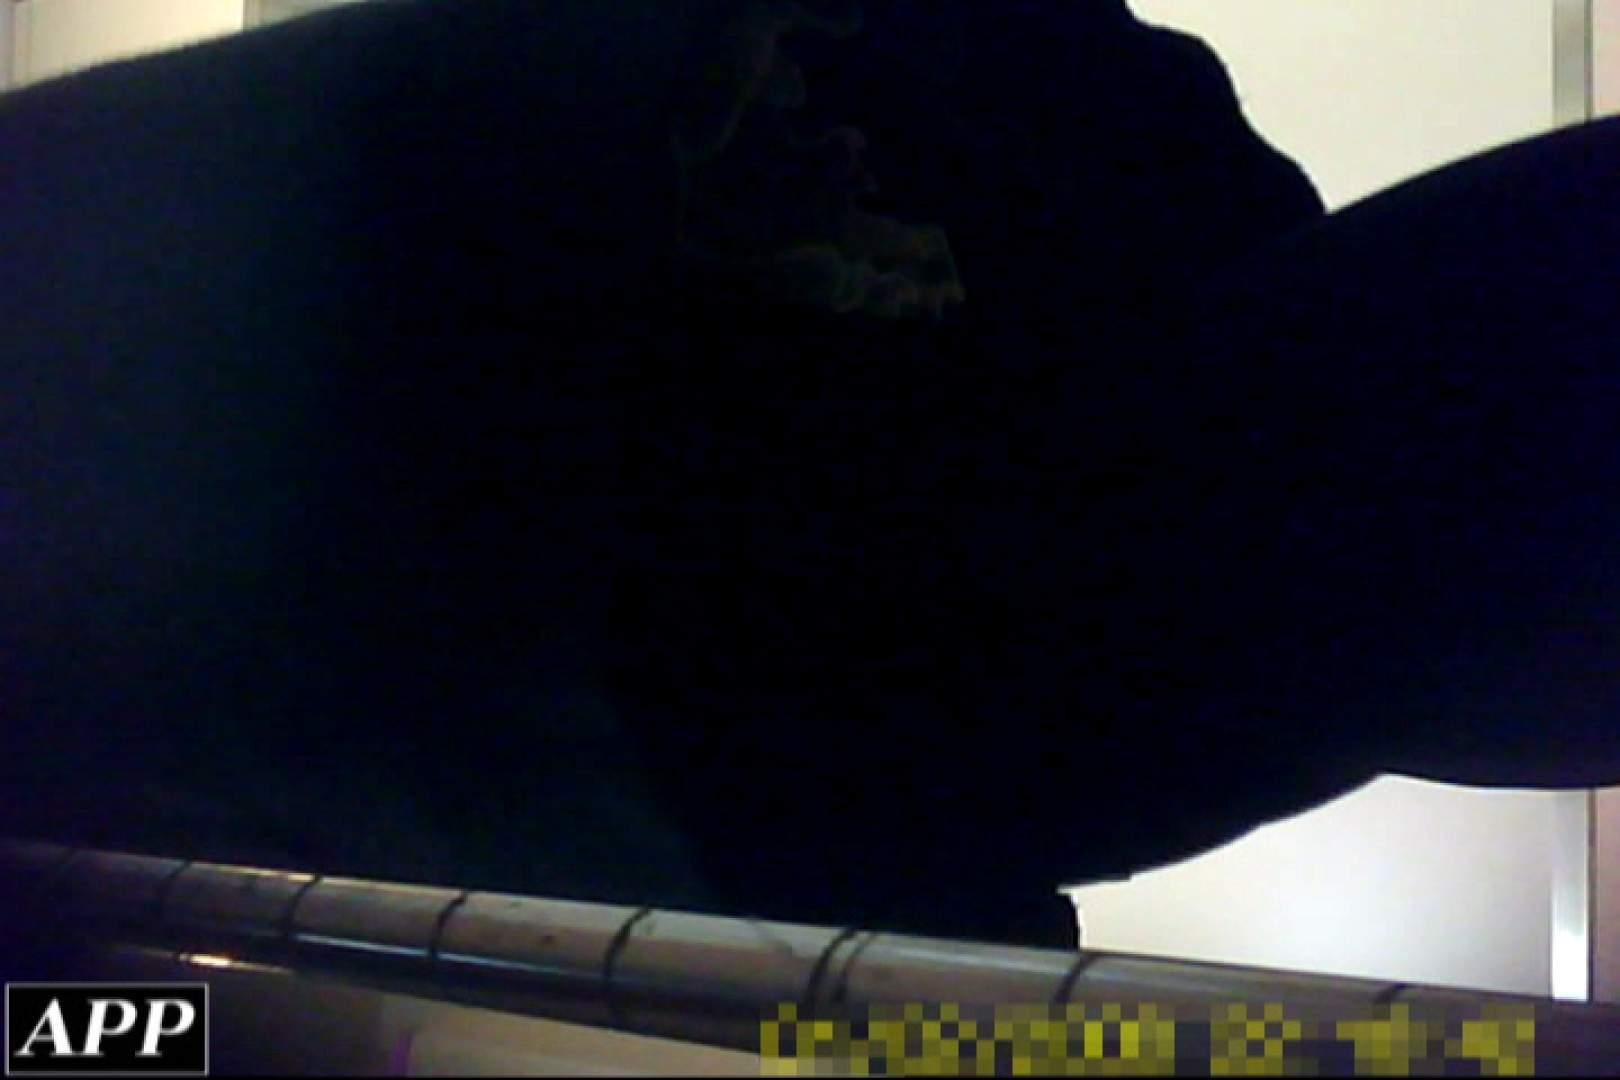 3視点洗面所 vol.110 マンコバッチリ | OLのプライベート  13pic 1